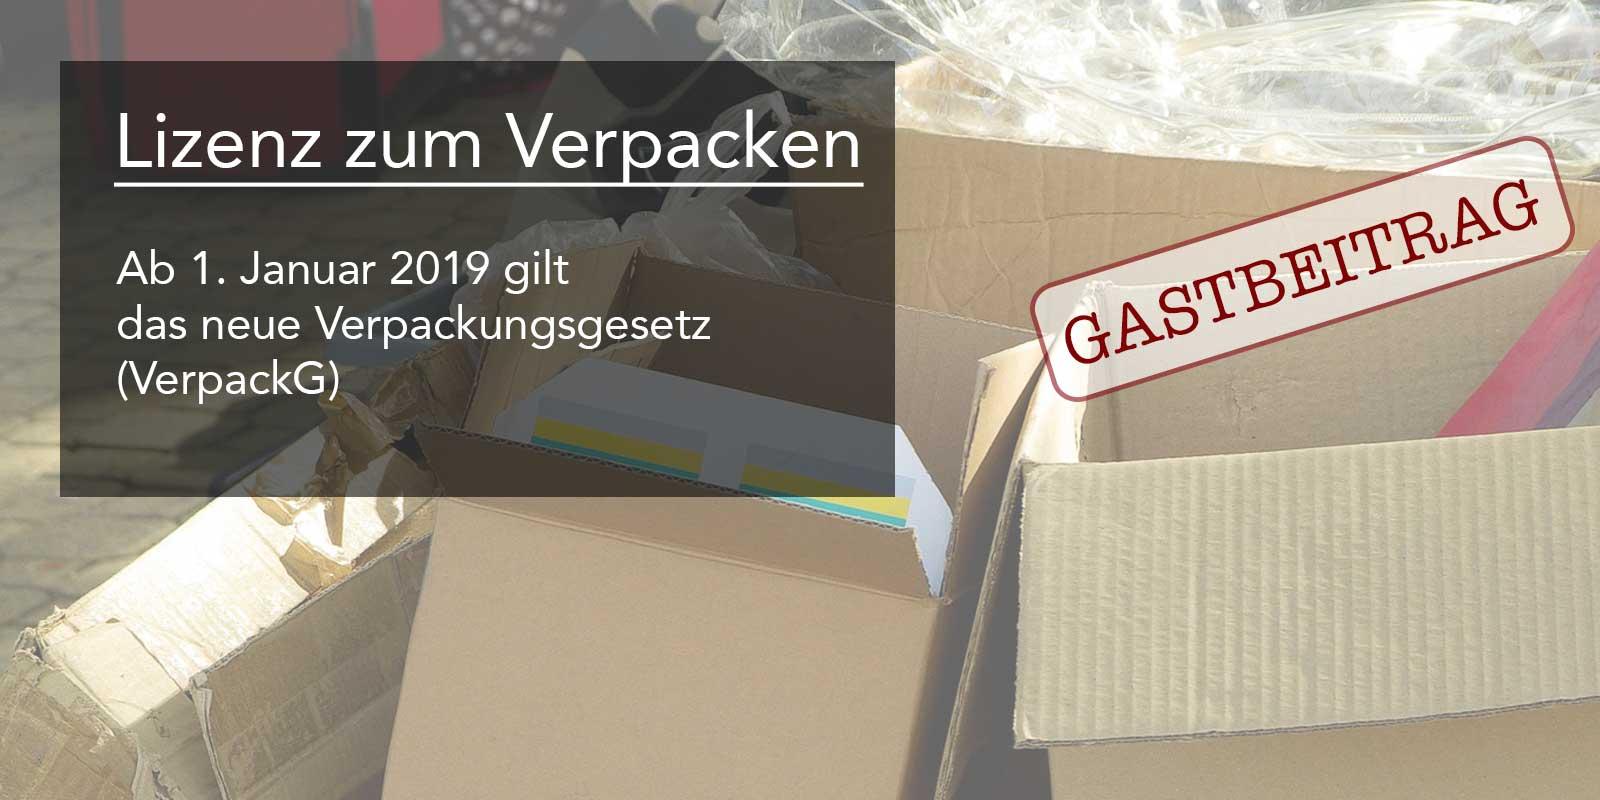 VerpackG, Verpackungsgesetz